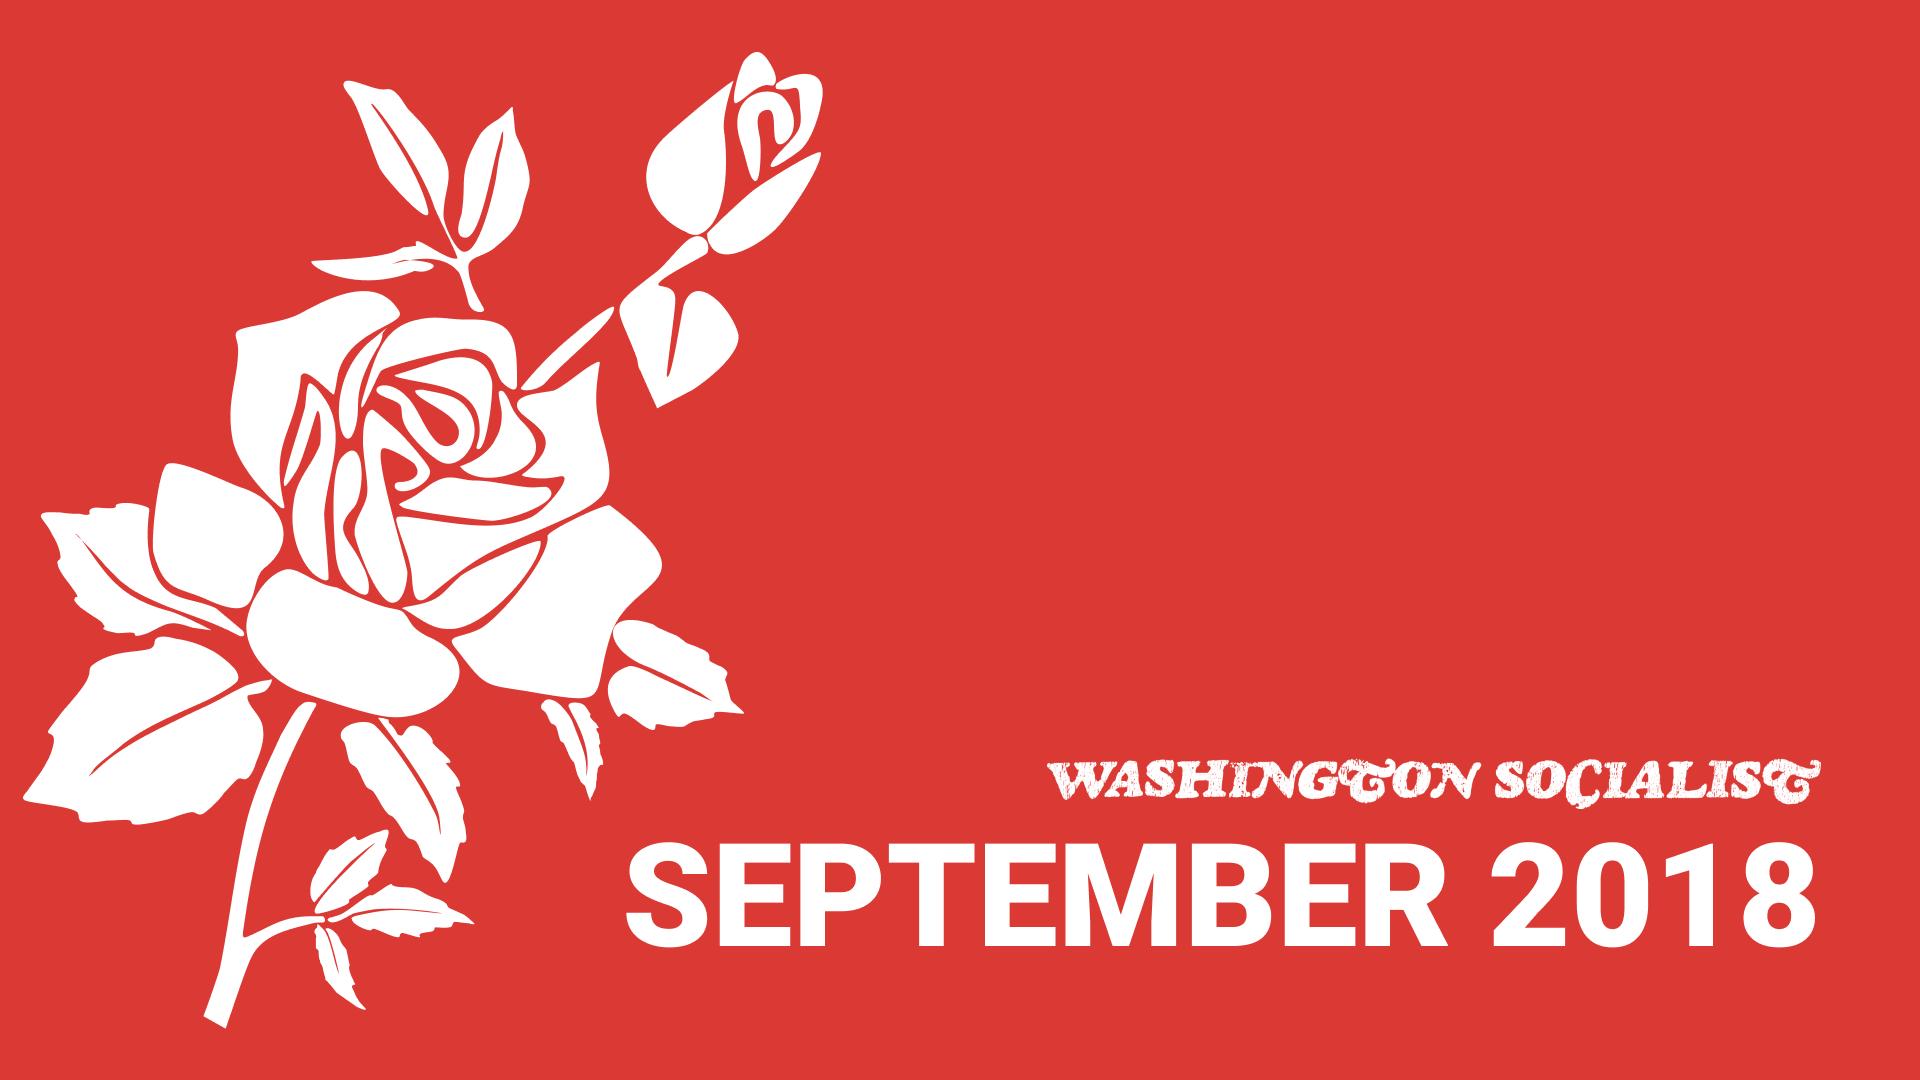 Washington Socialist Cover, September 2018